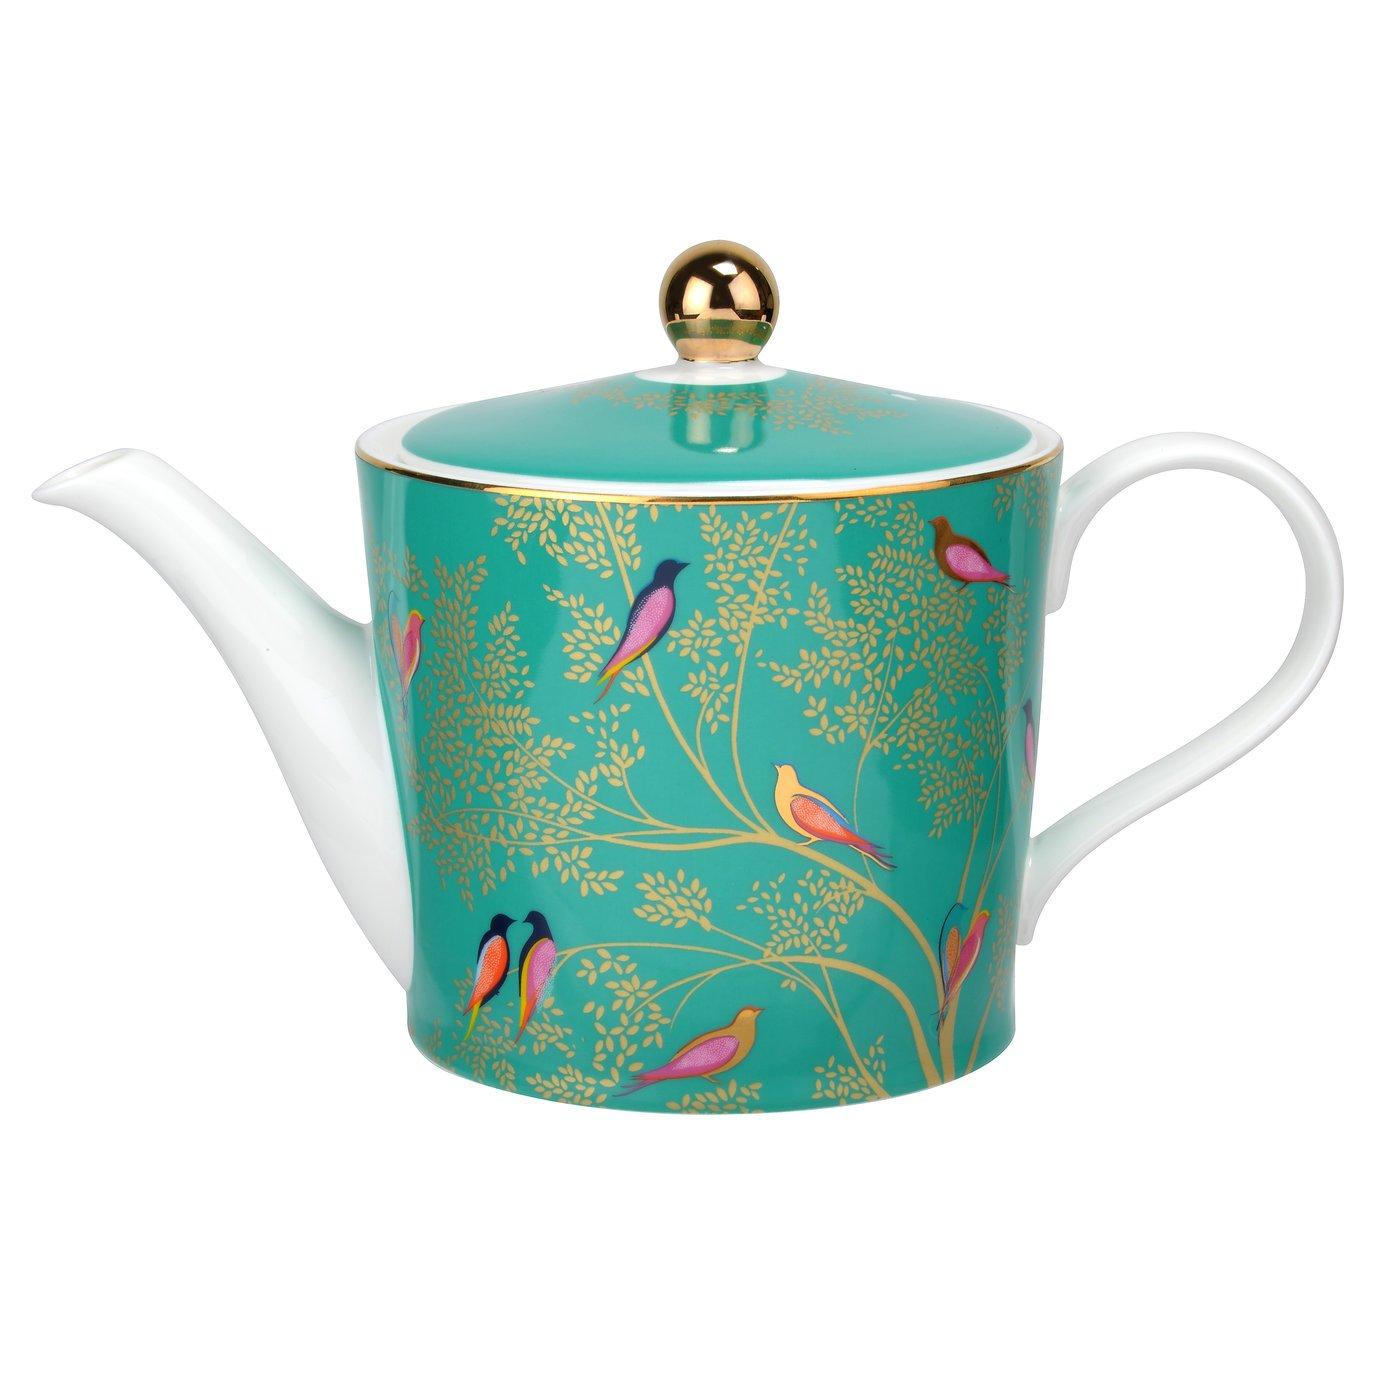 Sara Miller for Portmeirion SMC78923-XG Chelsea Teapot, Ceramic, Green, 290 x 175 x 150 cm